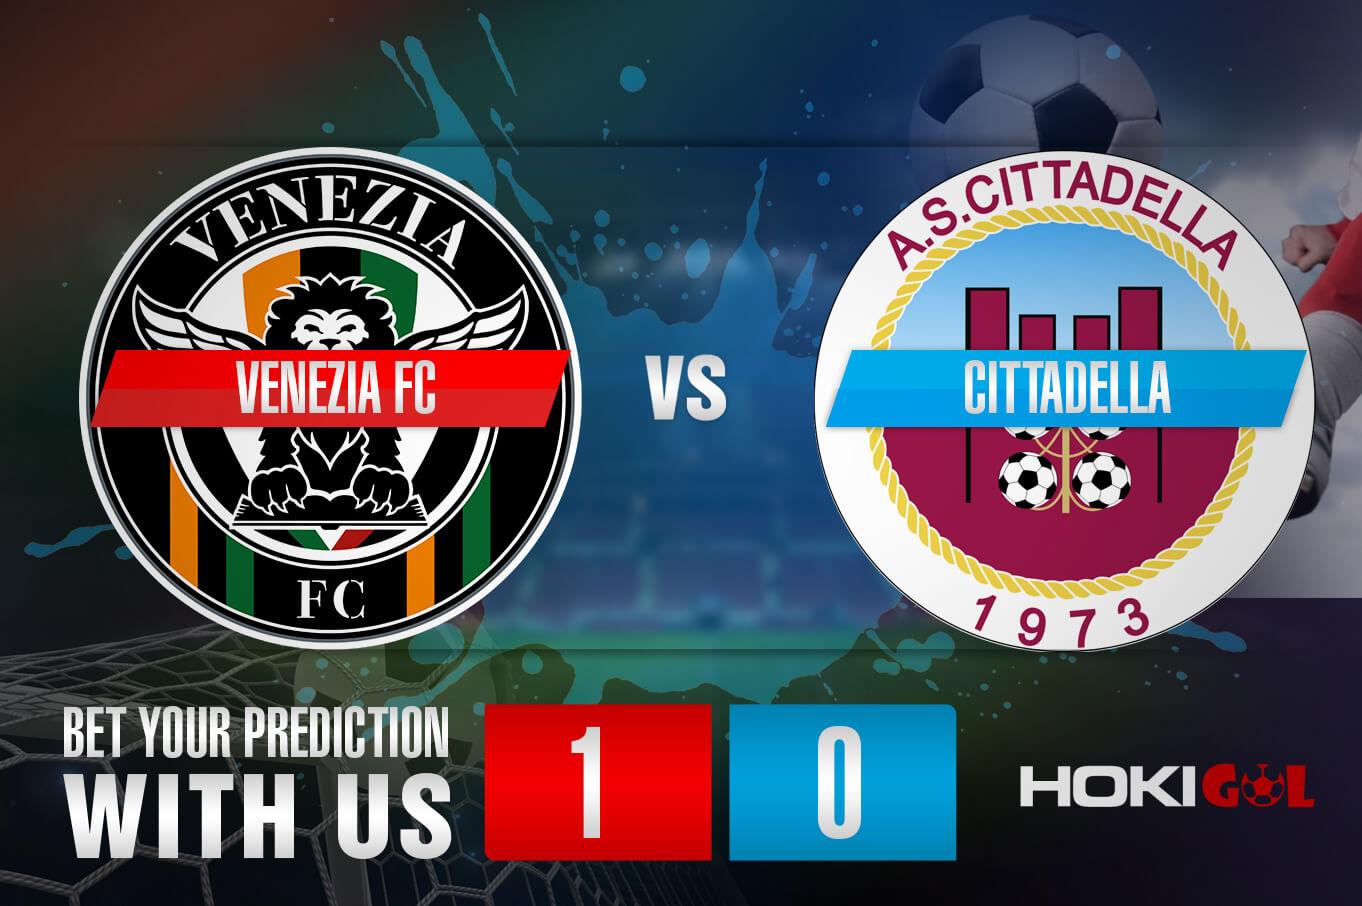 Prediksi Bola Venezia FC Vs Cittadella 28 Mei 2021